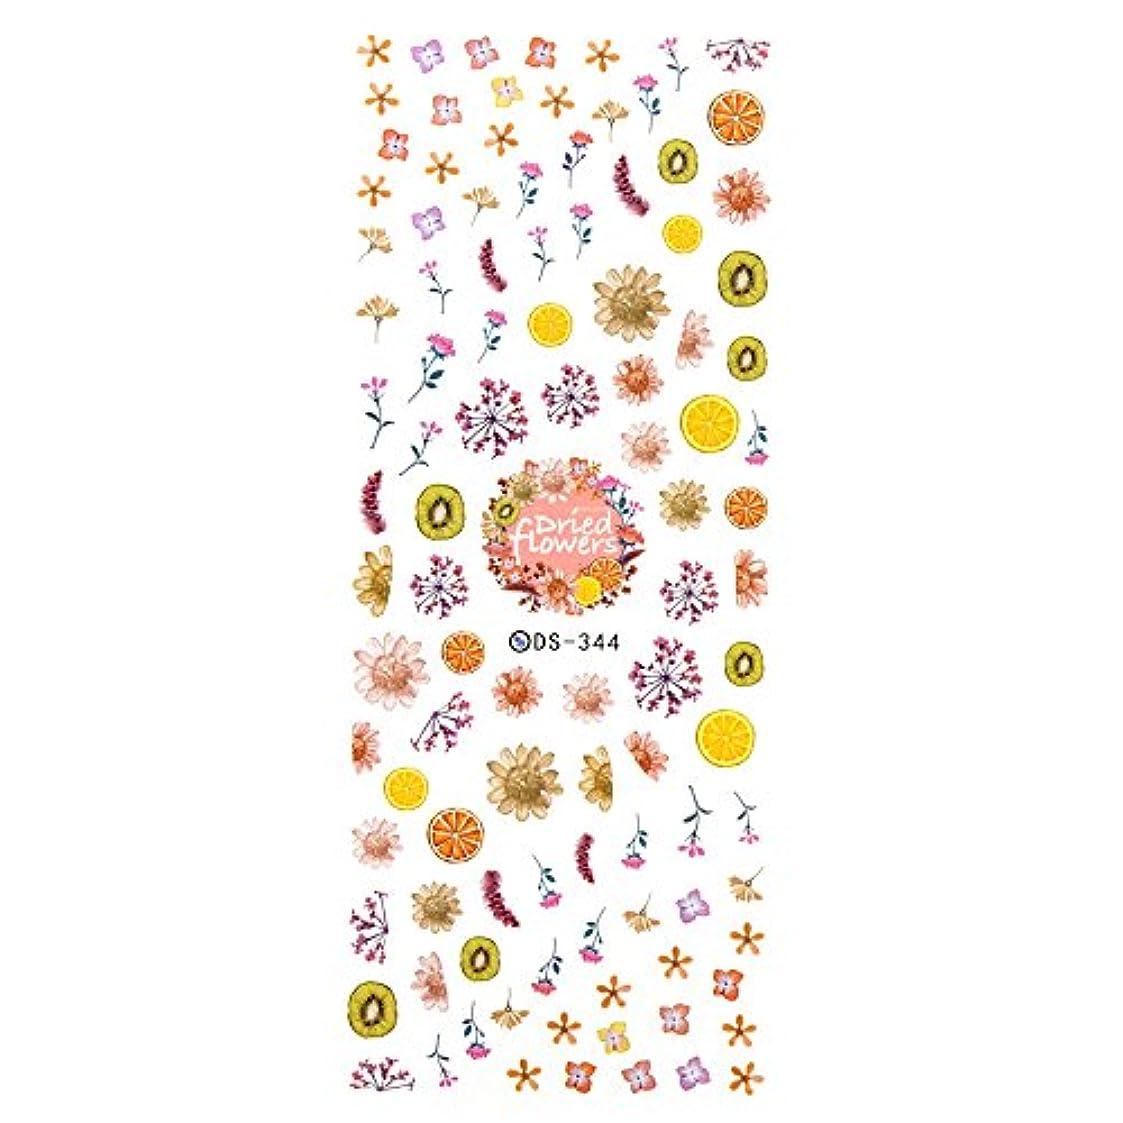 地理通訳連続的【DS-344ピンク】ドライフラワー&フルーツ柄ネイルシール